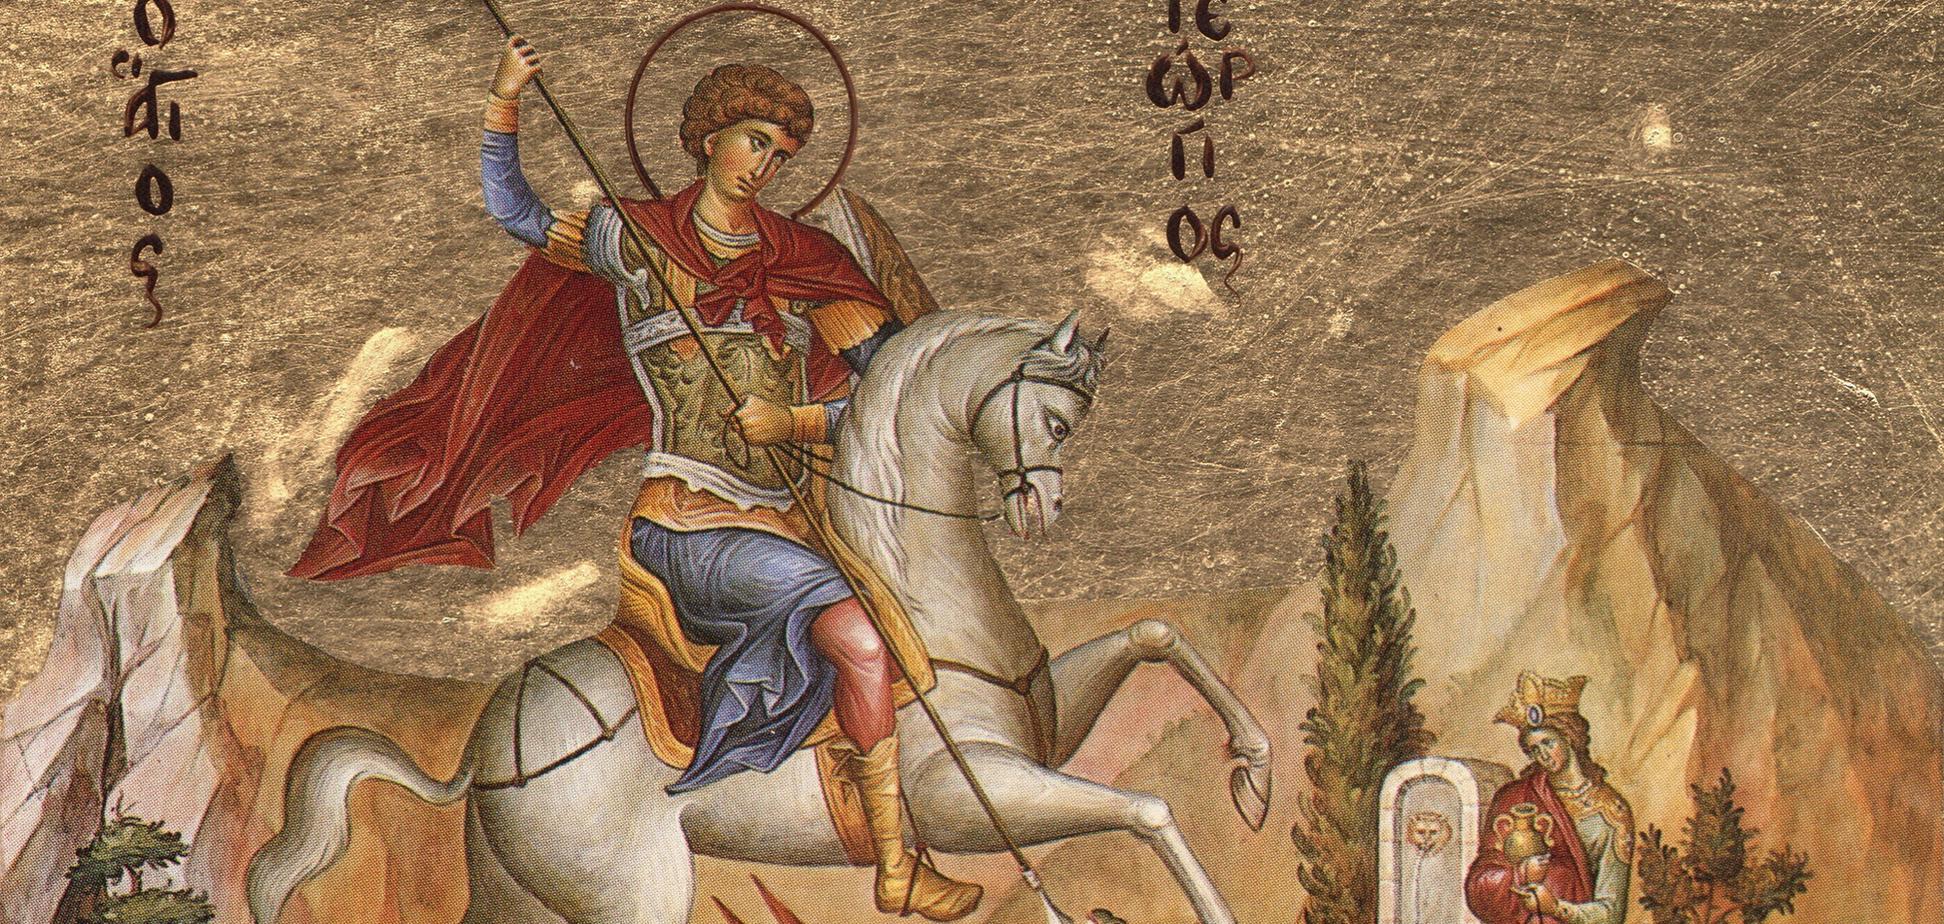 Святой Георгий Победоносец жил в 3 столетии